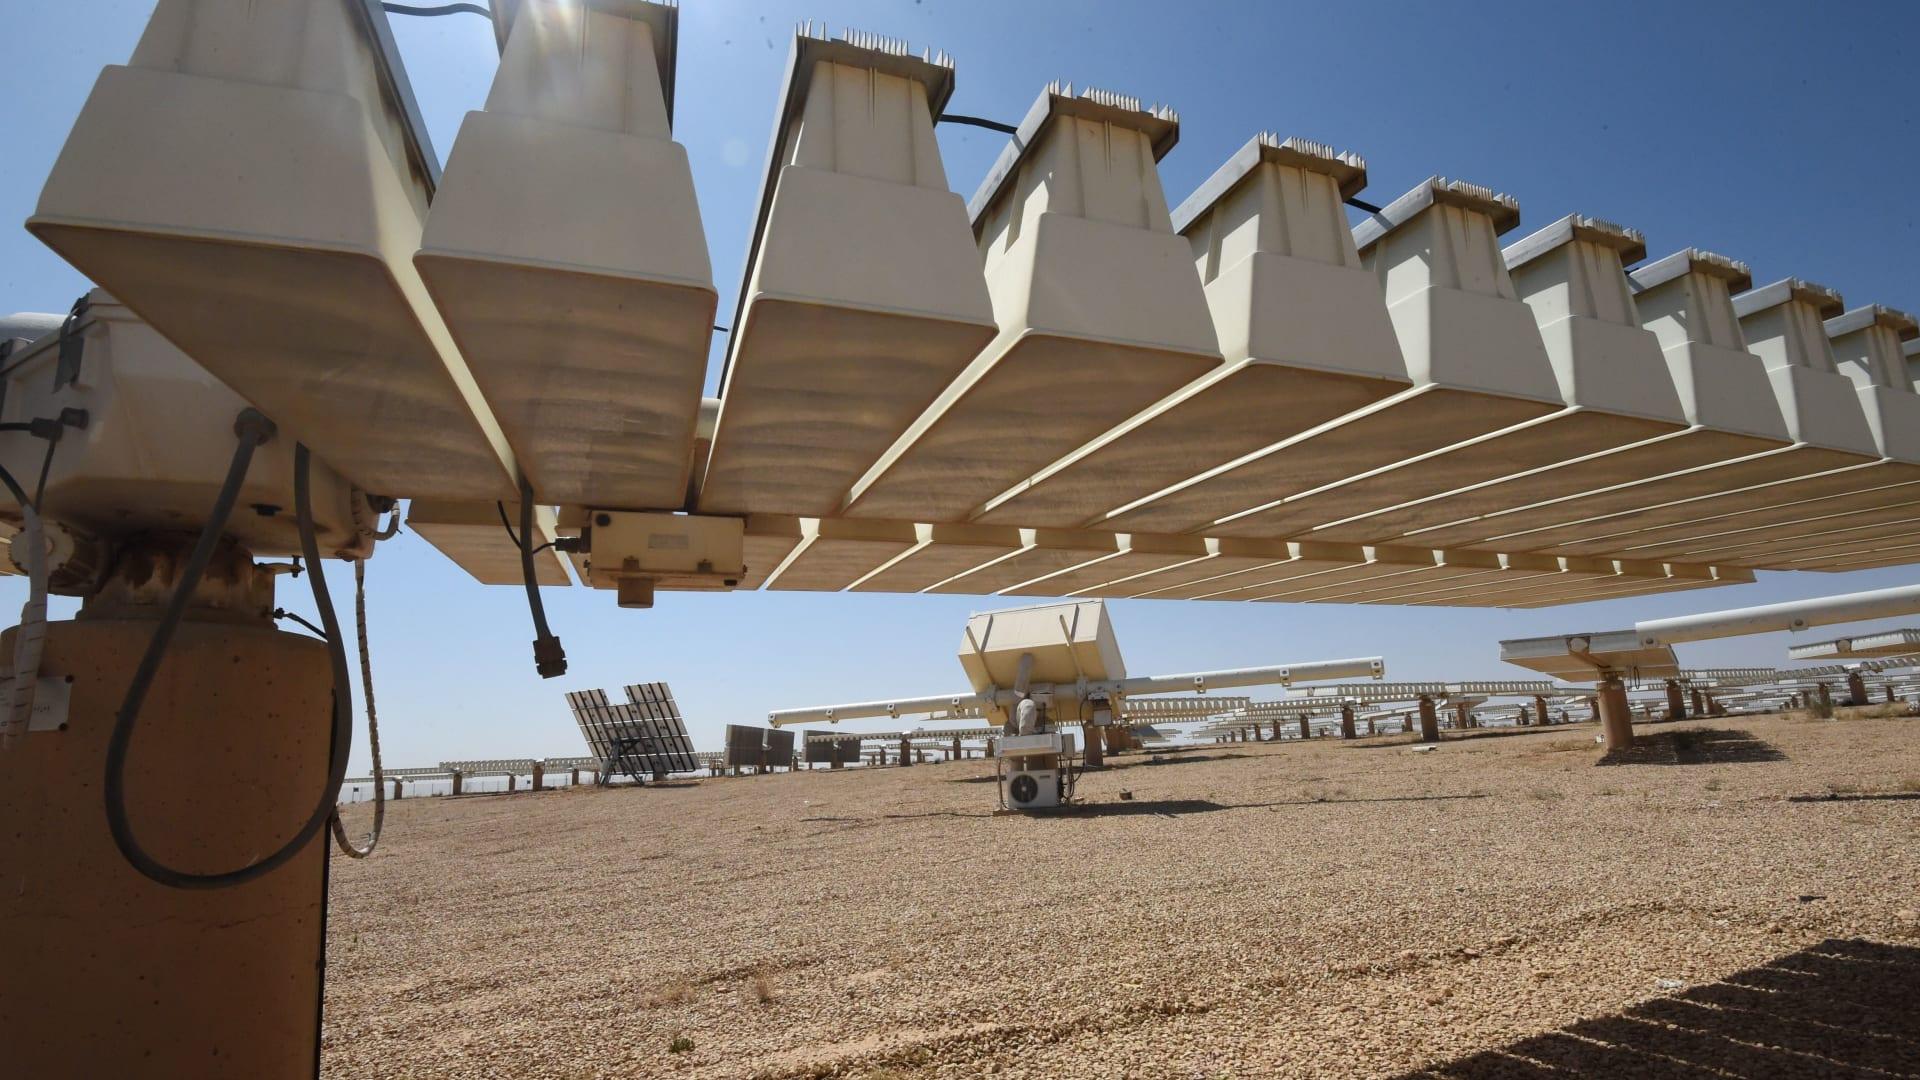 السعودية والكويت تبحثان التعاون في مجالات الطاقة المتعددة